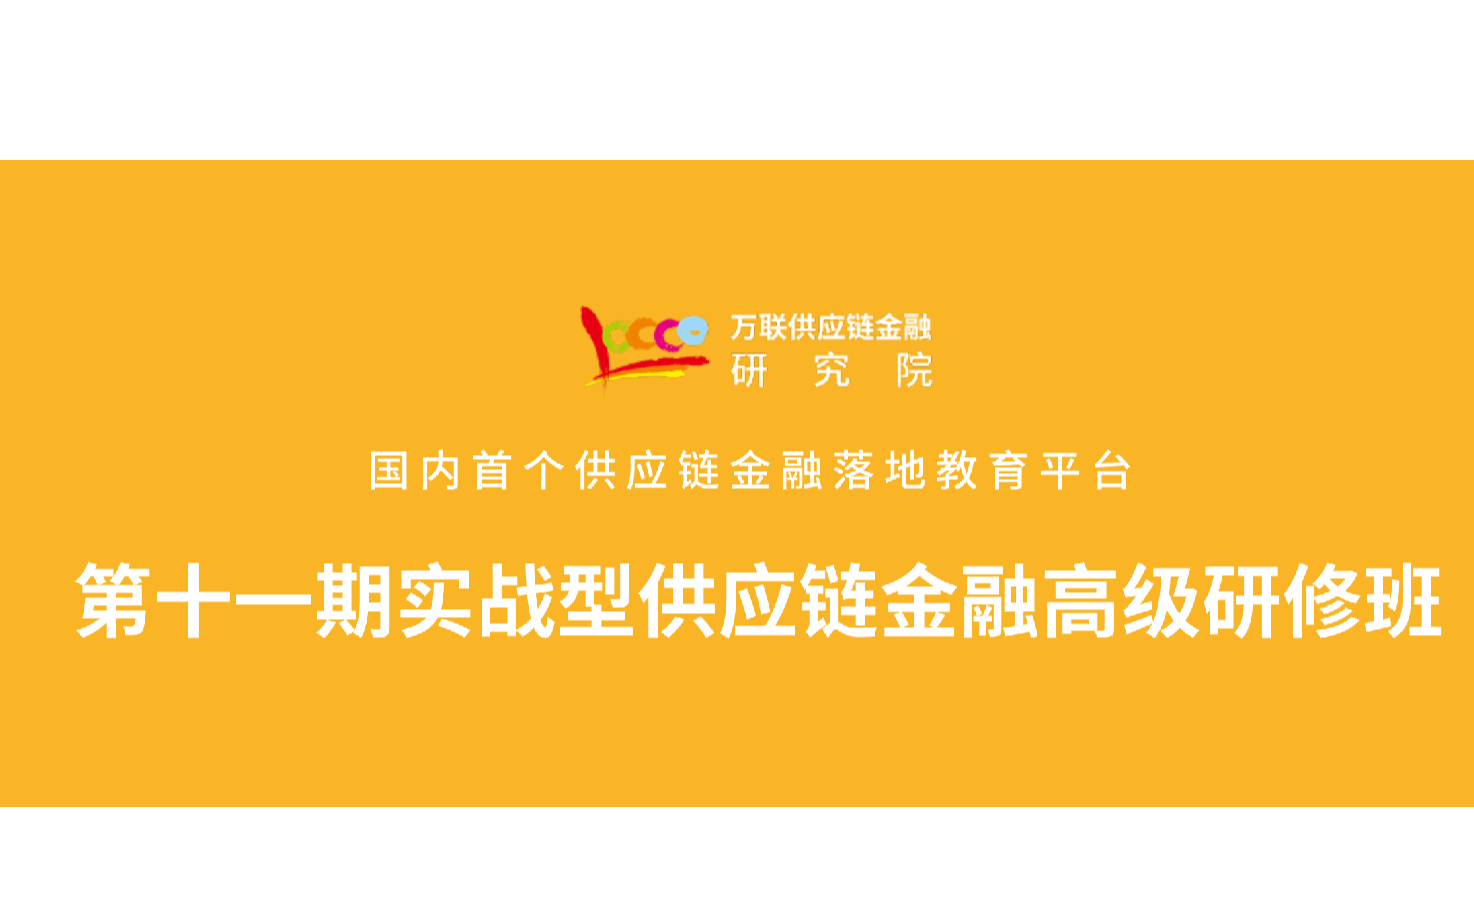 2020供應鏈金融團隊特訓營——產互平臺構建與運營專題(深圳辦)